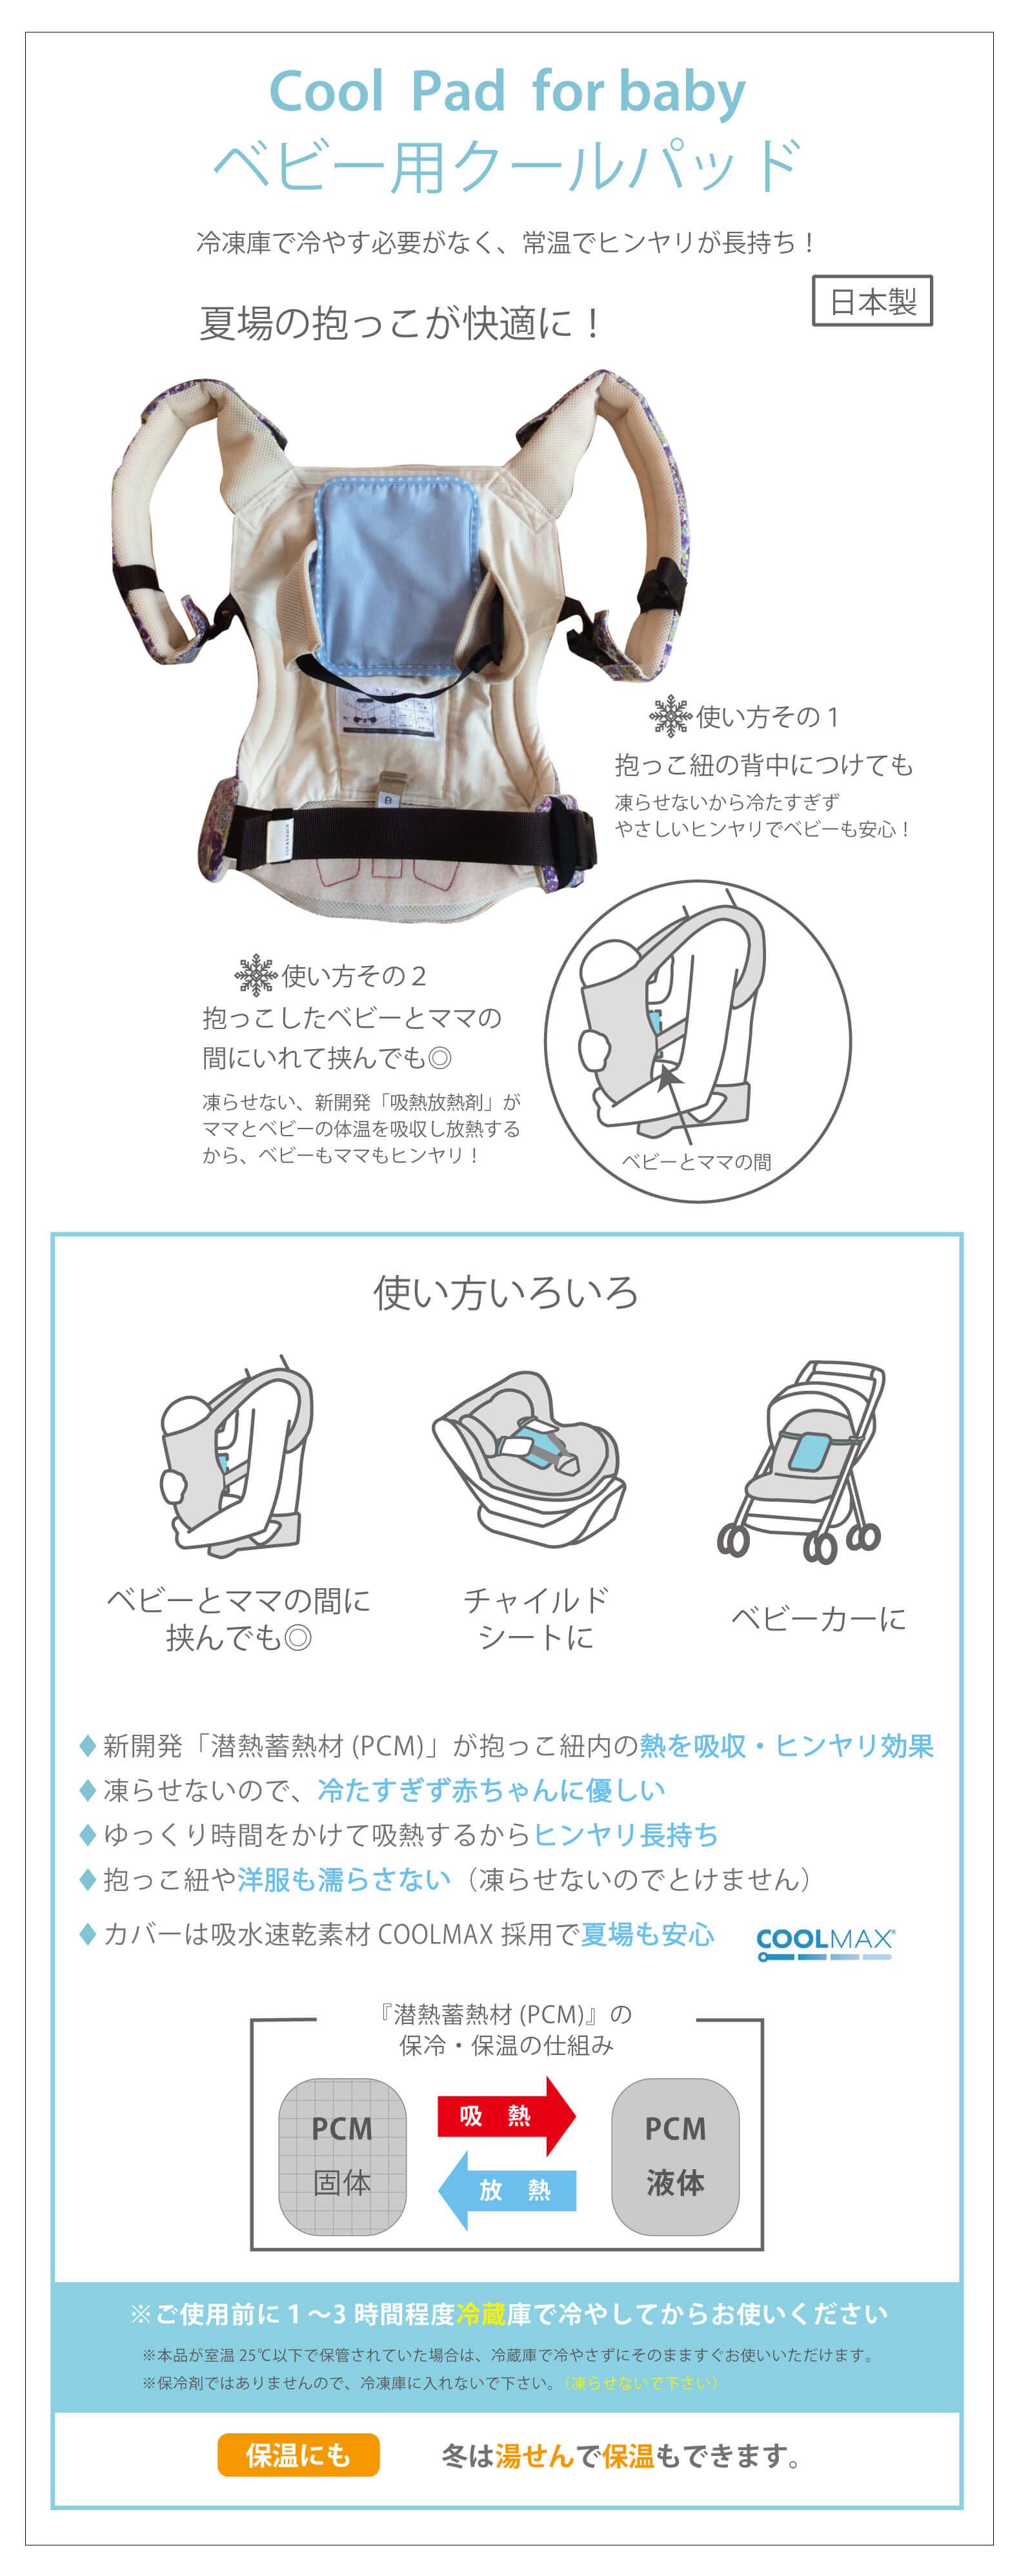 抱っこ紐 保冷シート。冷たすぎないベビー用クールジェルパッド